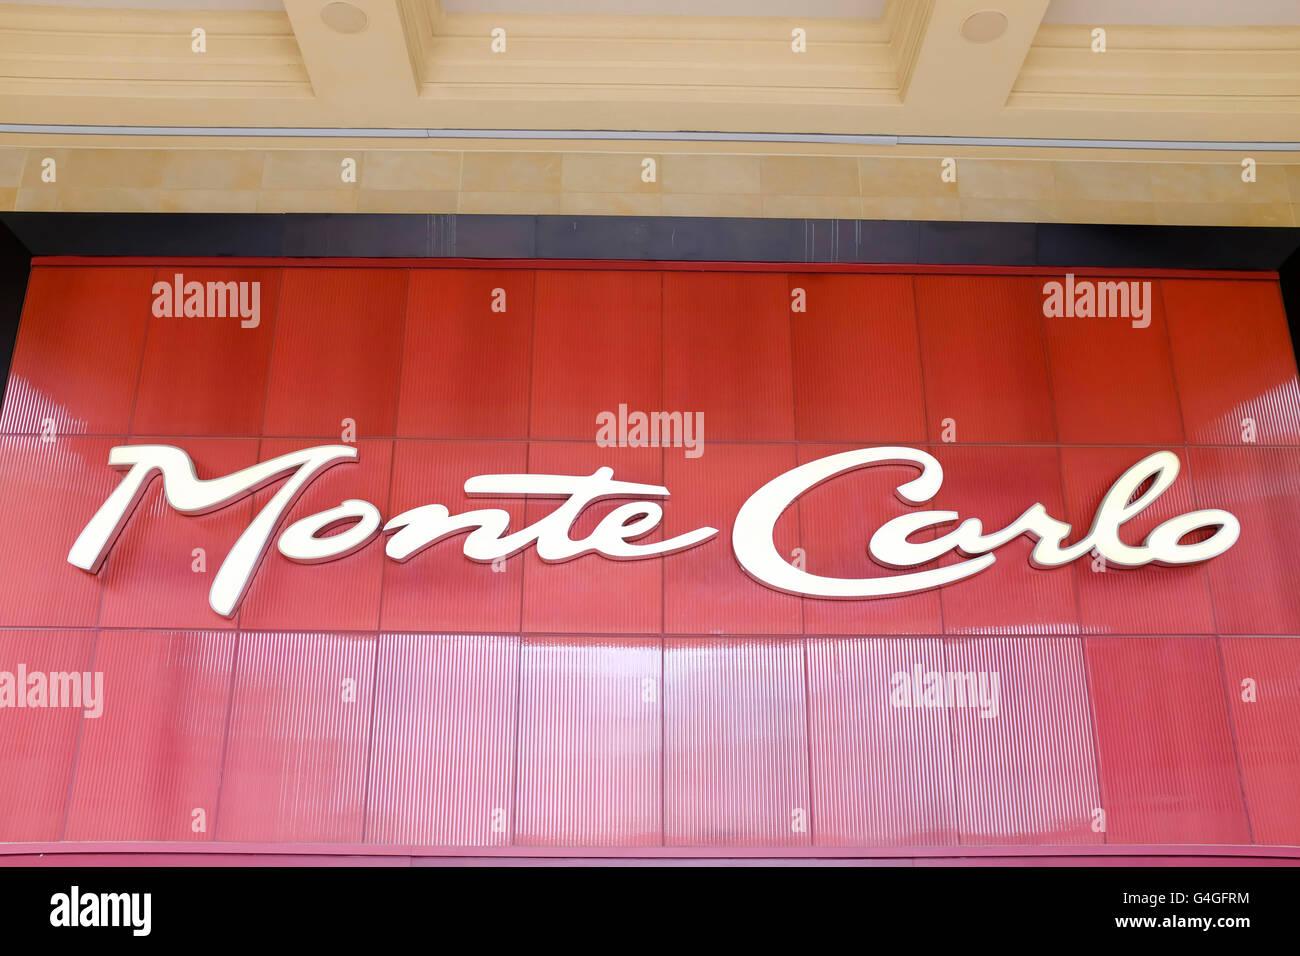 Monte Carlo Hotel and Casino, Las Vegas, Nevada. - Stock Image